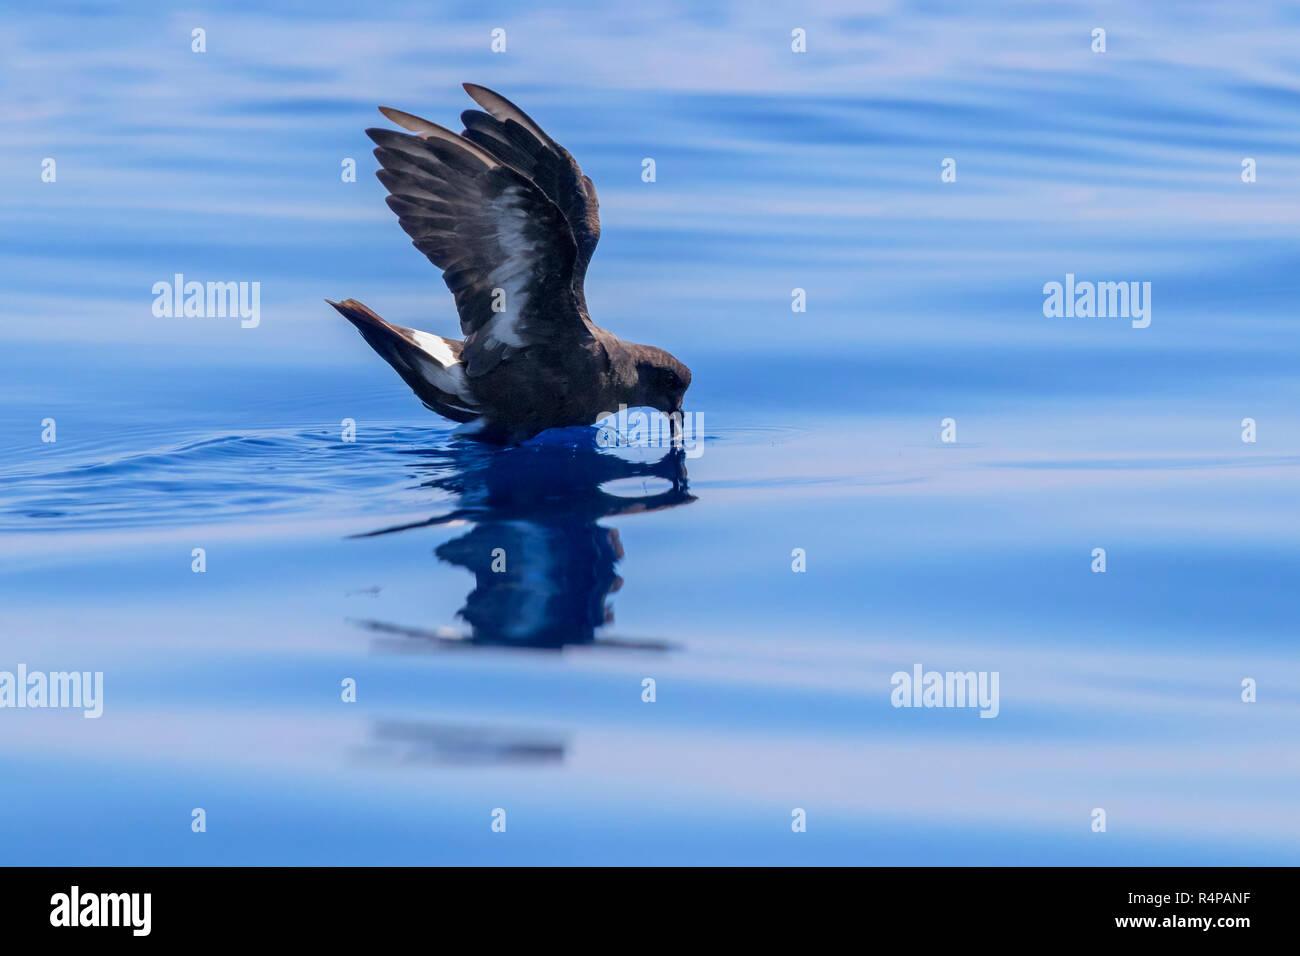 Europäische Storm Petrel (Hydrobates pelagicus melitensis), einzelne im Fangen von Nahrung auf der Wasseroberfläche Stockbild